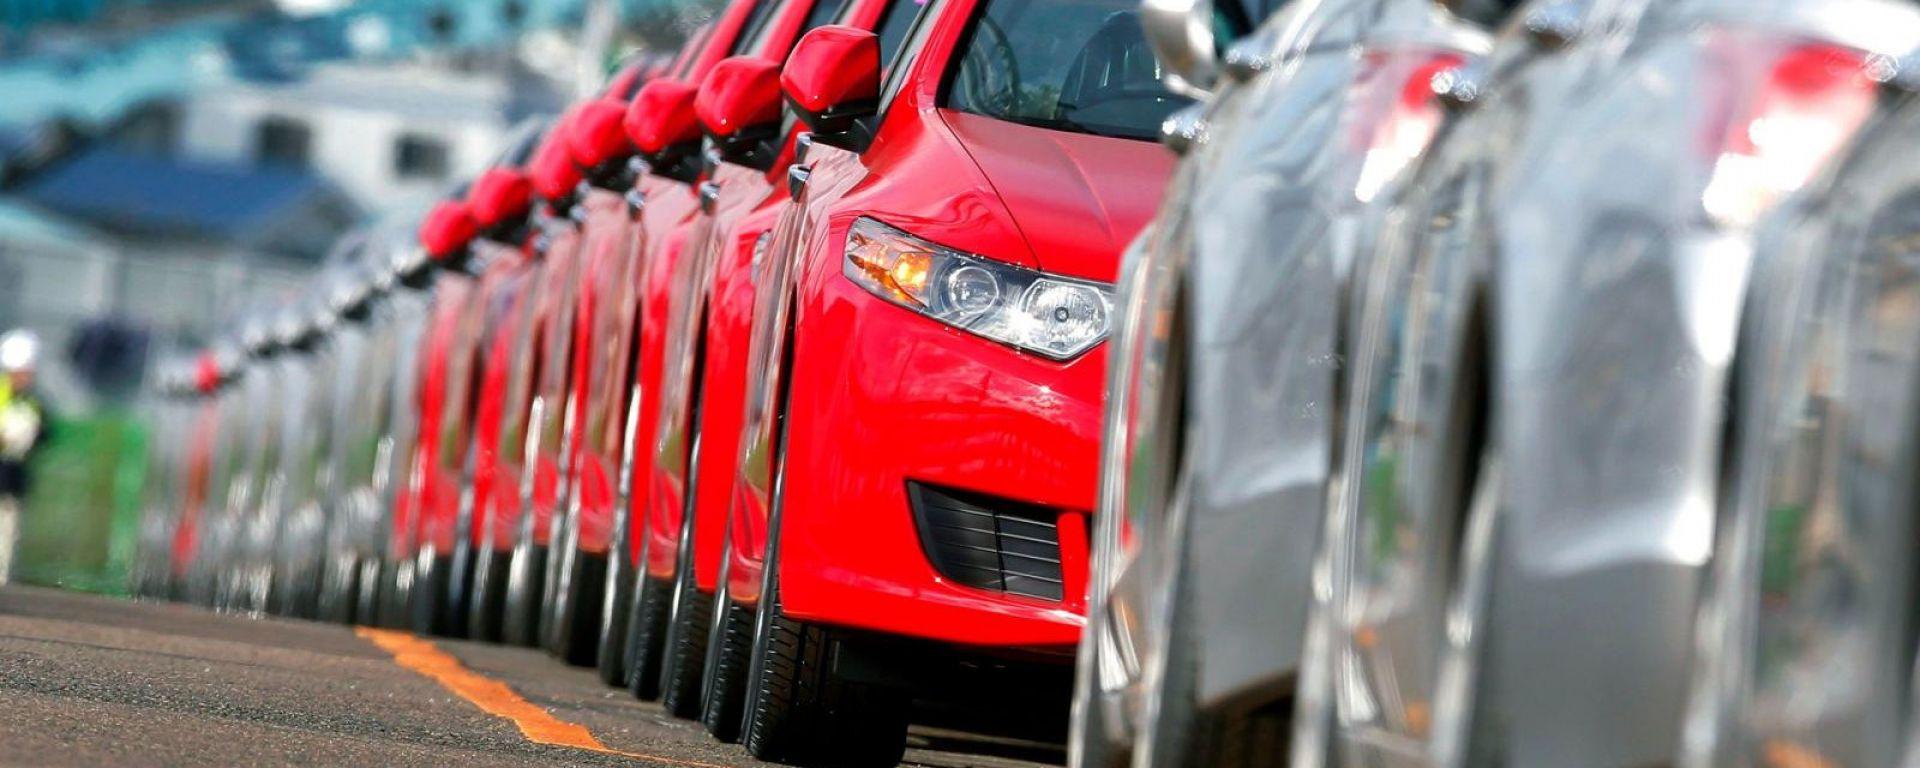 Mercato auto, a gennaio 2019 vendite giù del 7,6%